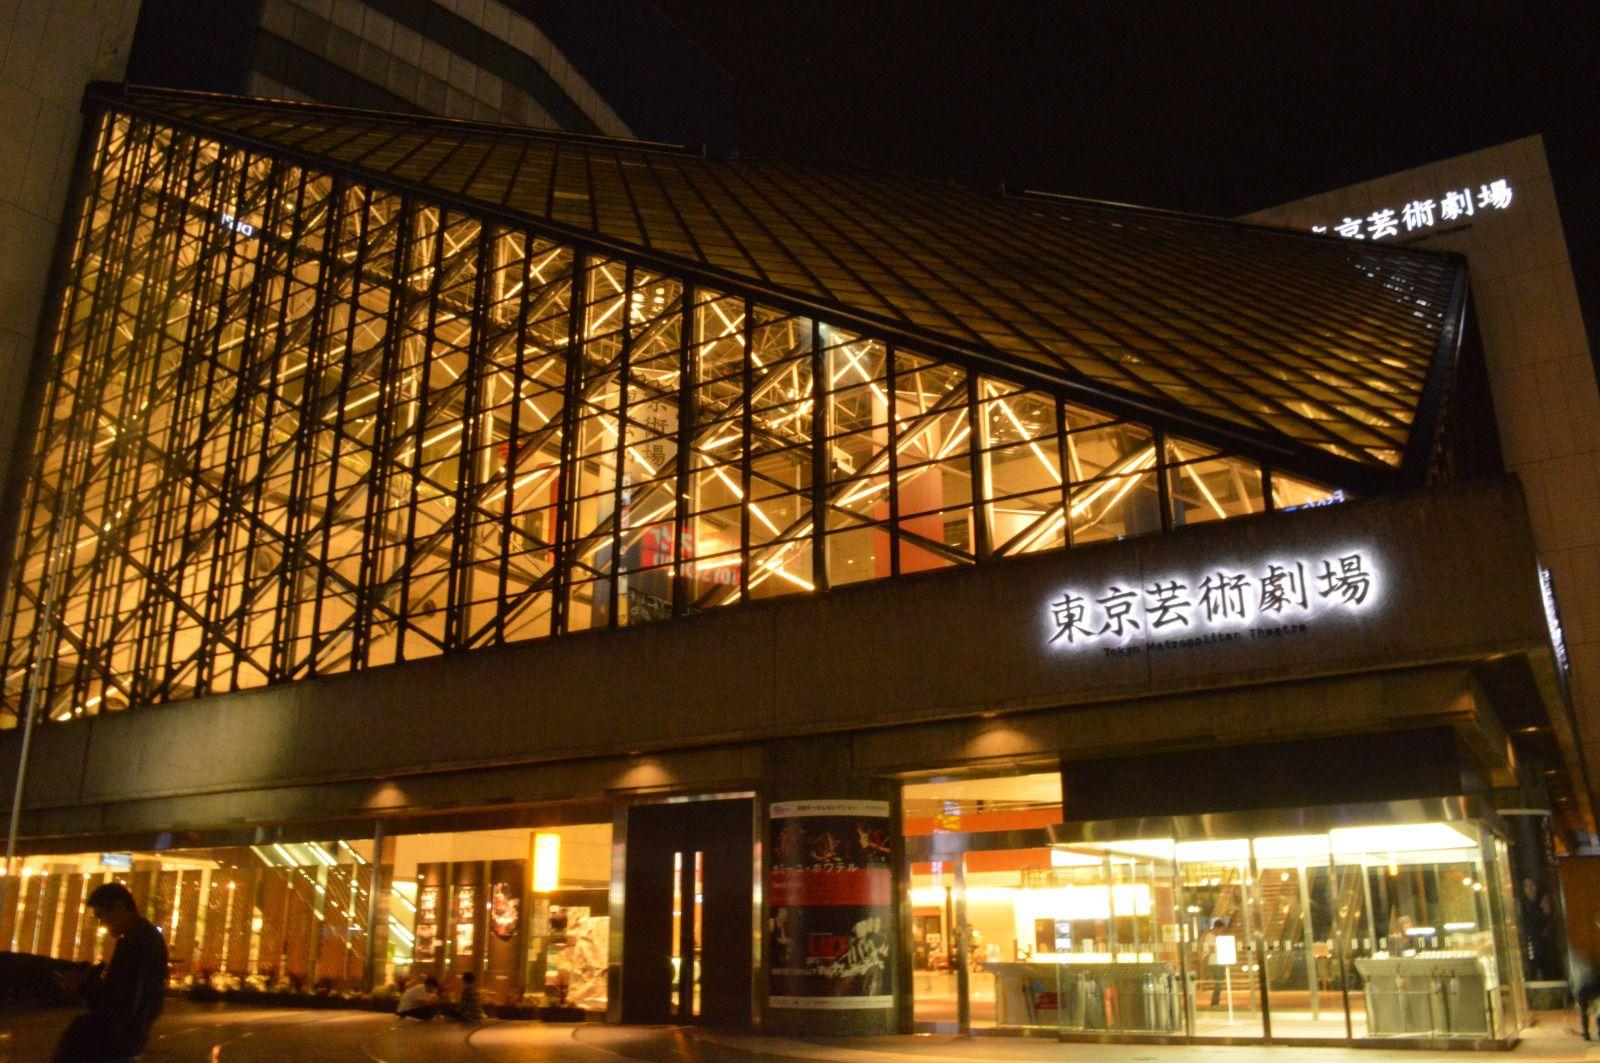 劇場 東京 芸術